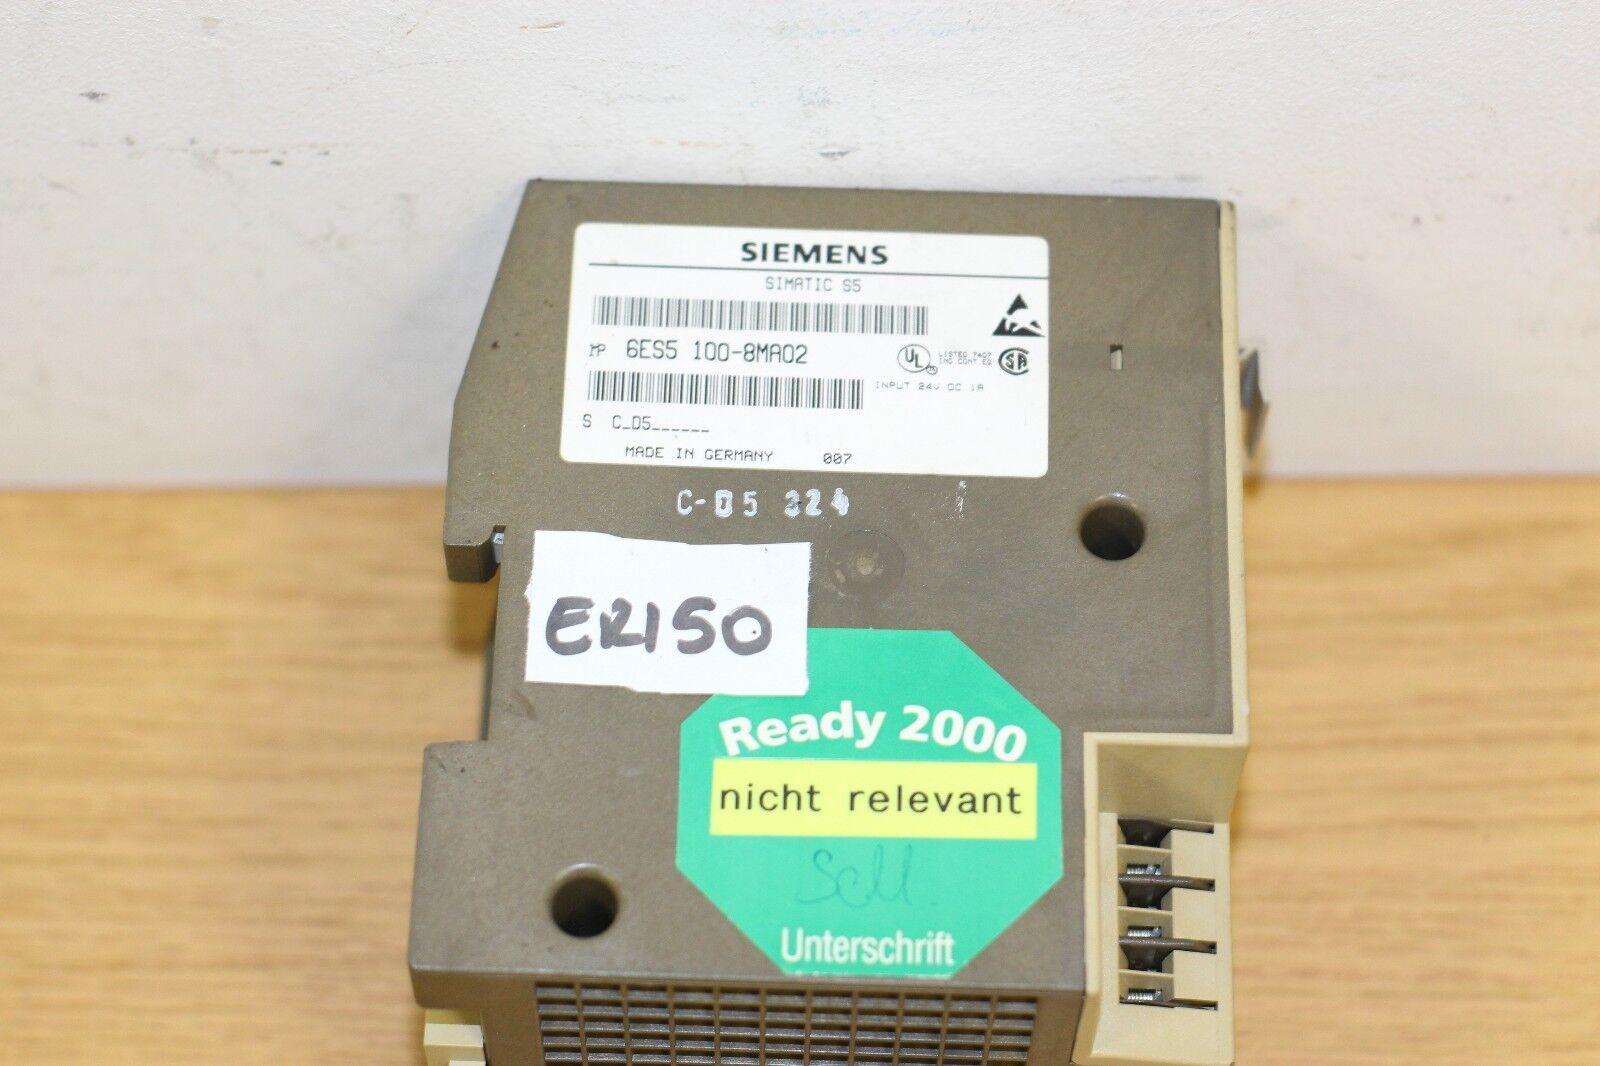 Siemens SIMATIC S5 6ES5 100-8MA02 6ES5100-8MA02